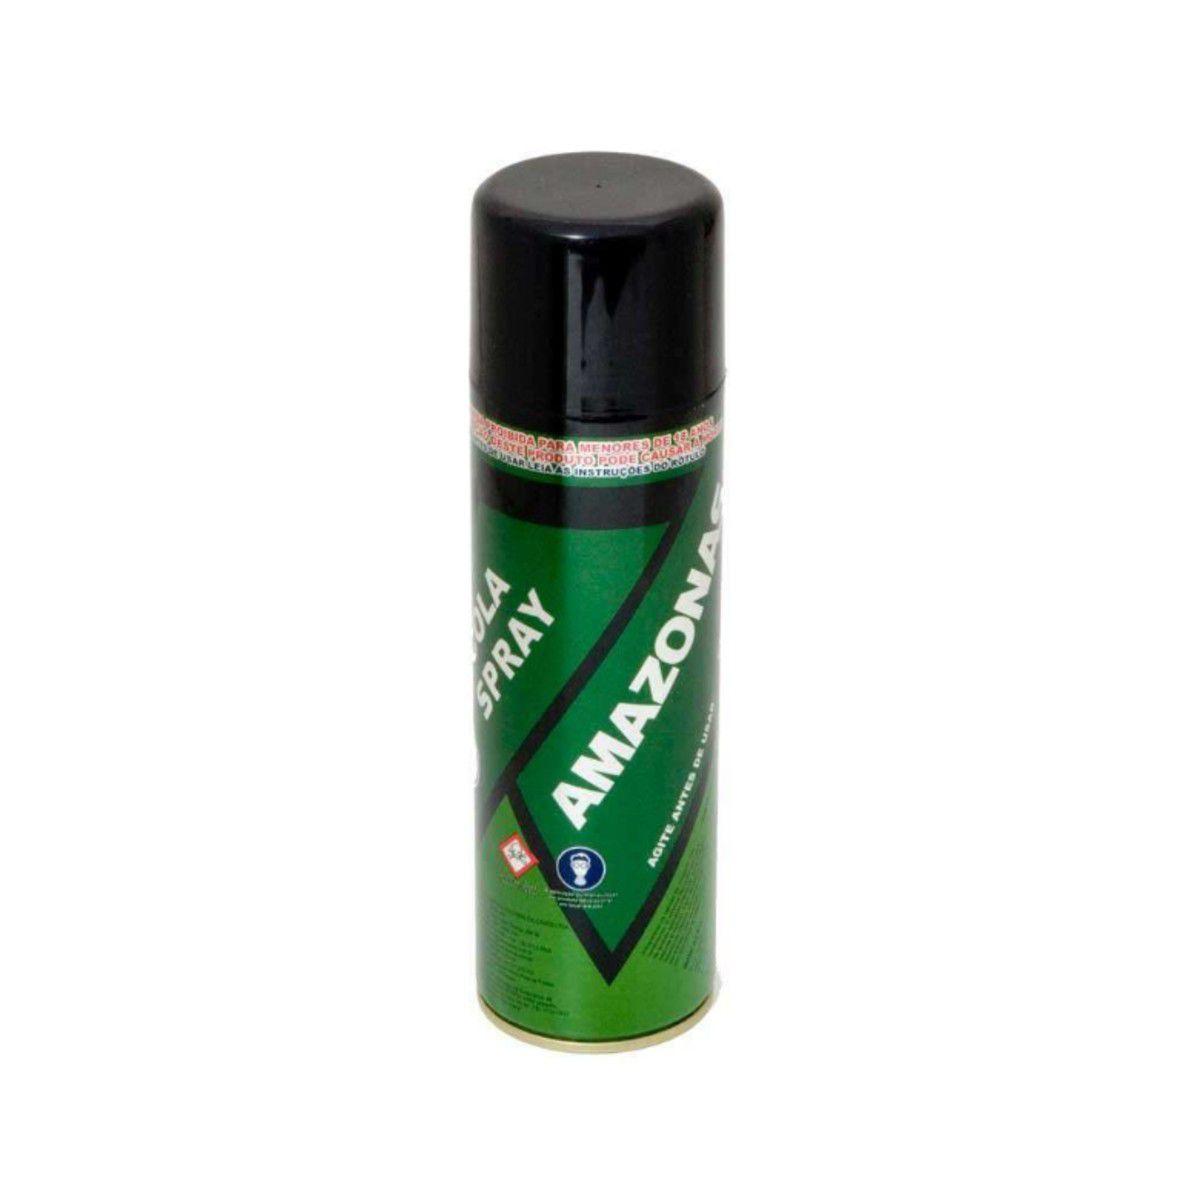 Cola De Contato Spray Amazonas 340g Tapeceiro